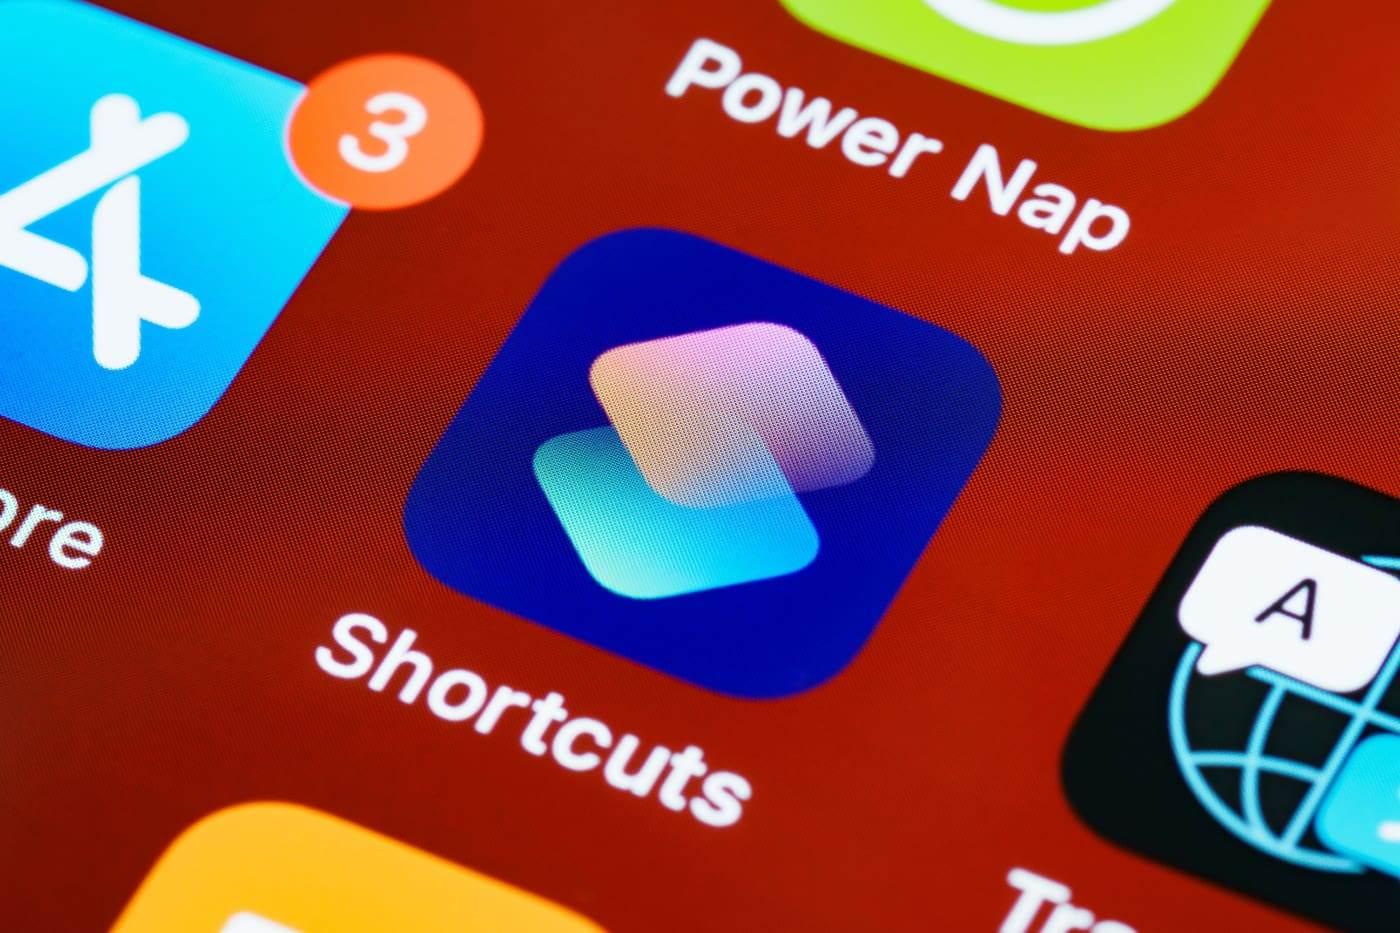 Skróty w iOS 14.6 działają znacznie szybciej polecane, ciekawostki skróty, ShortCuts, iPadOS 14.6, iOS 14.6  Apple po cichu przyspieszyło działanie Skrótów w iOS 14.6. Są one teraz znacznie szybsze niż poprzednich wersjach iOS 14. shortcust